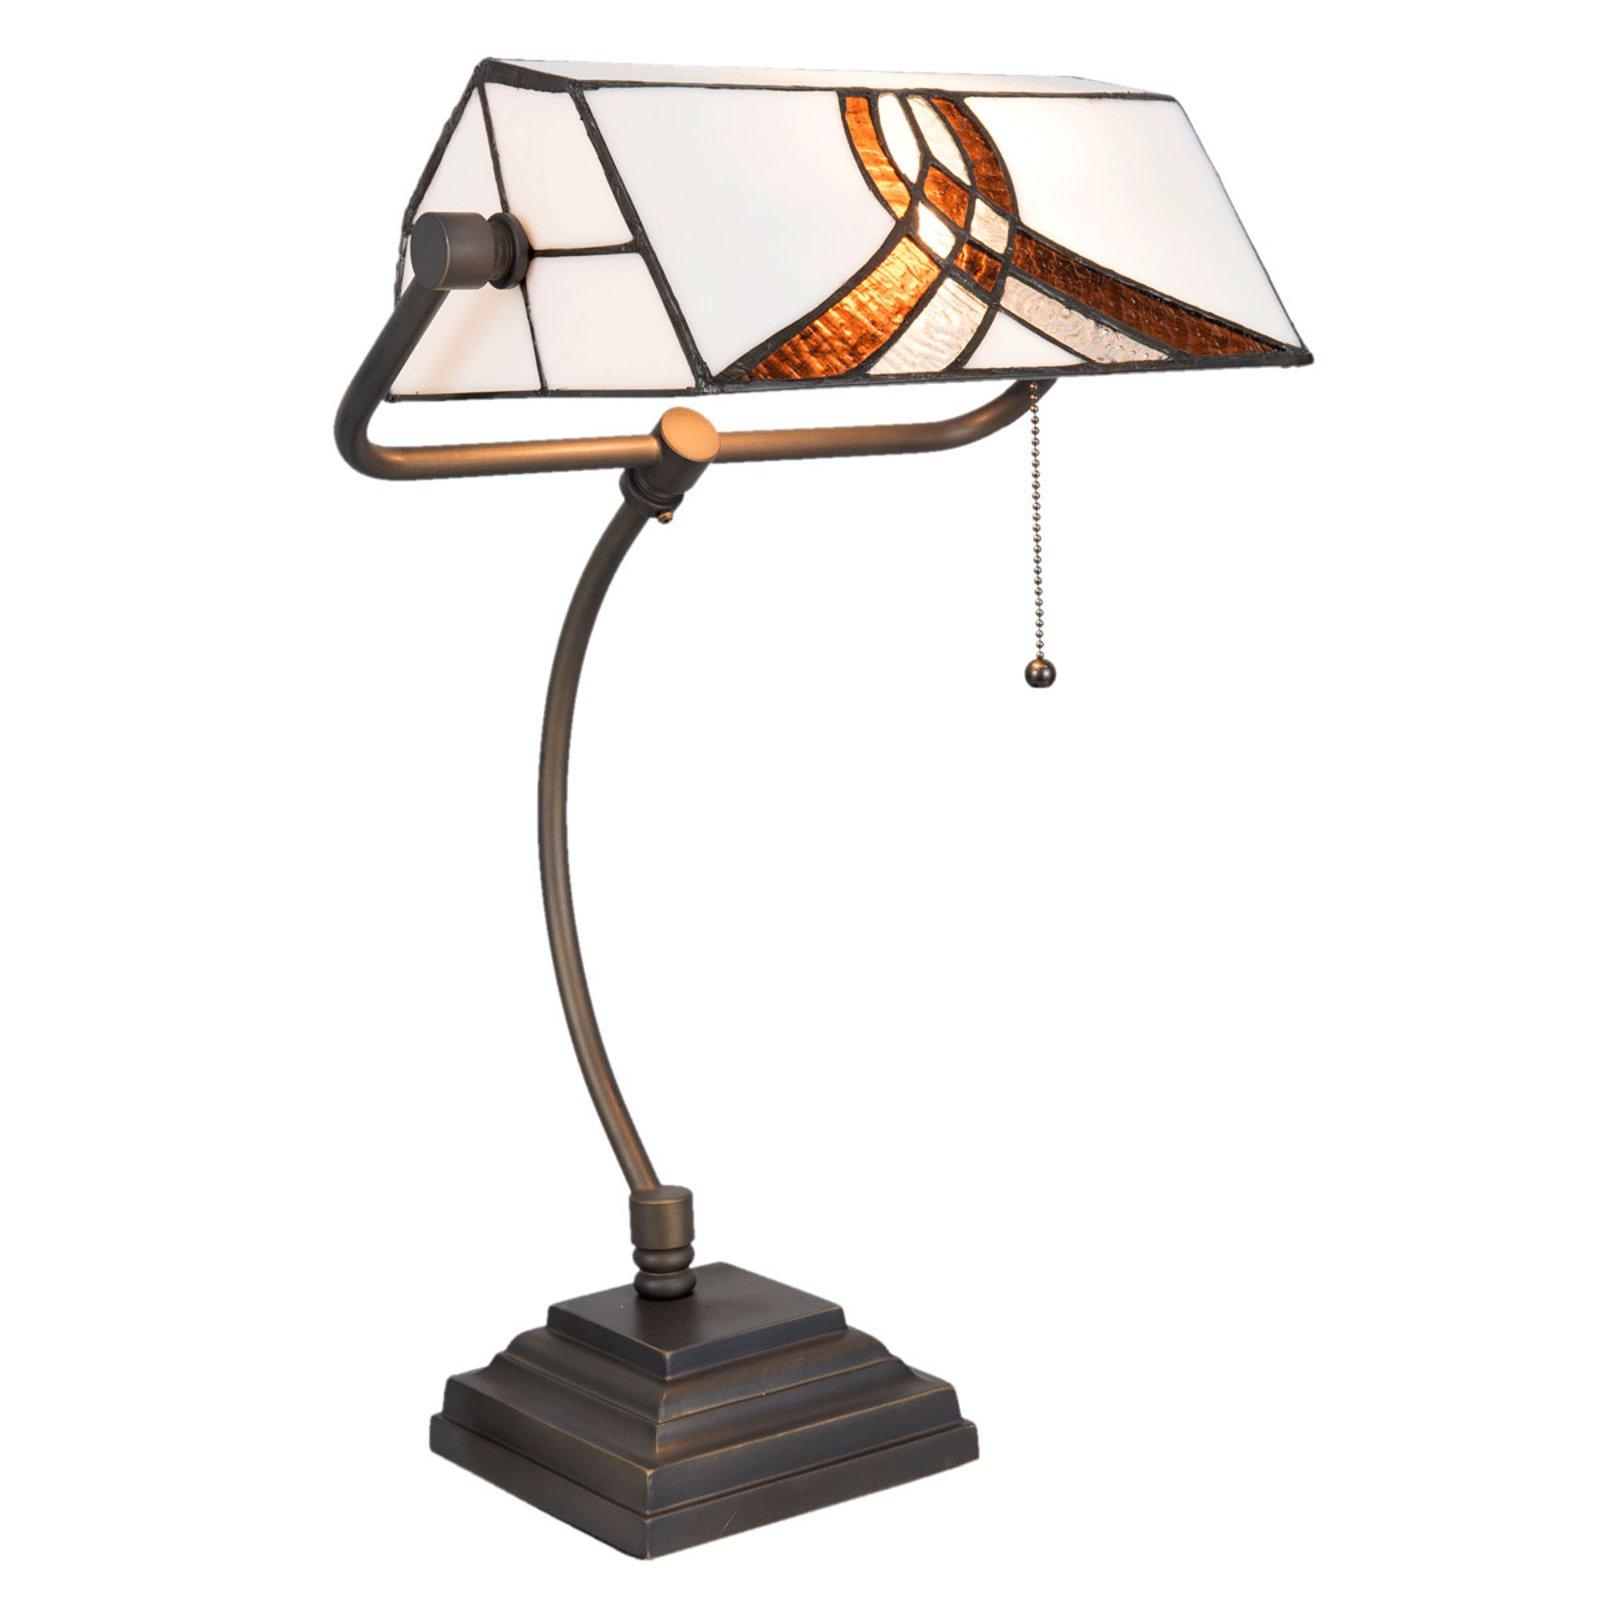 5195 skrivebordslampe med hvit-brun glasskjerm